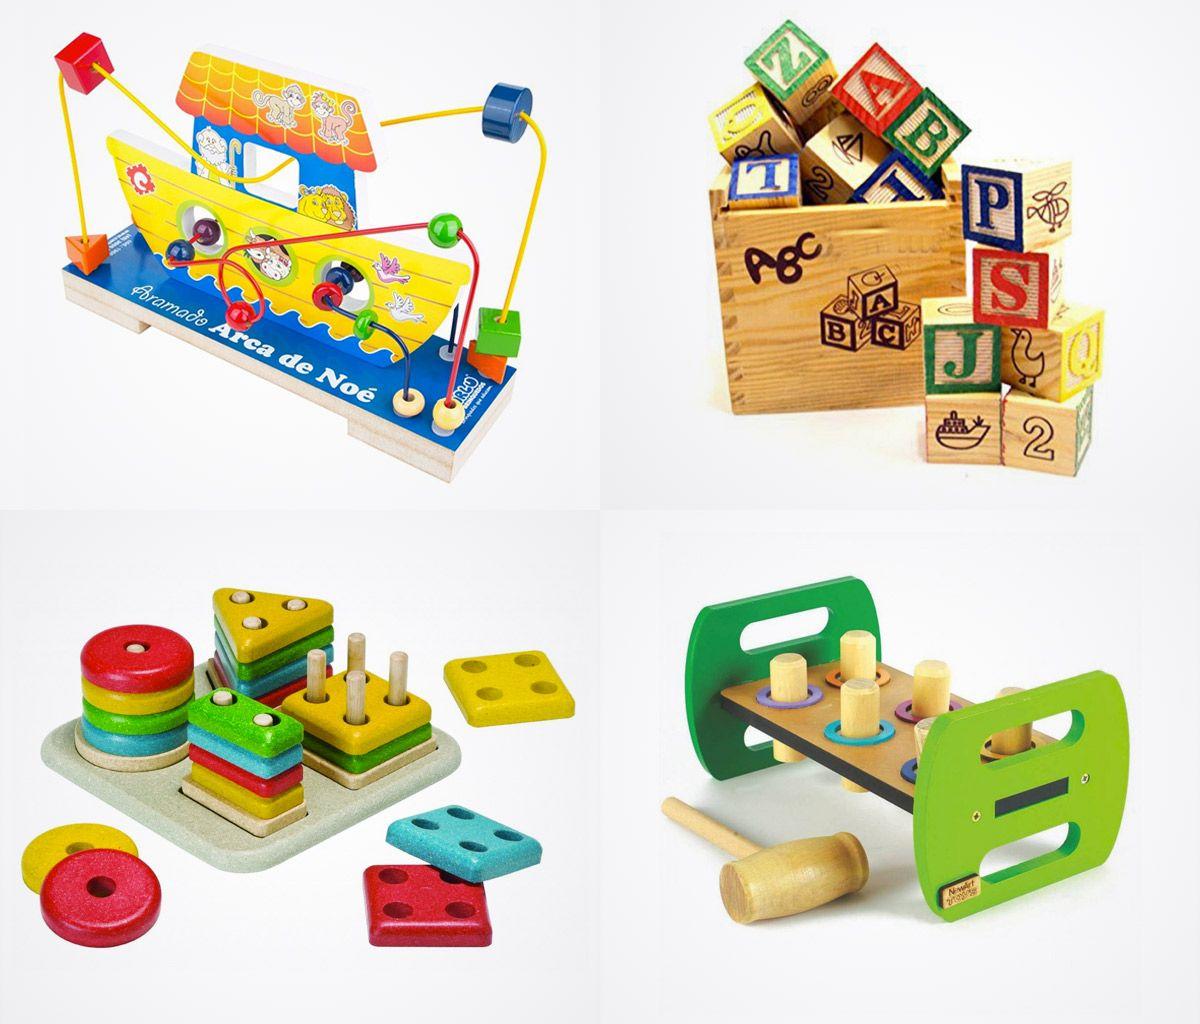 designer-brinquedo-madeira-pedagogico